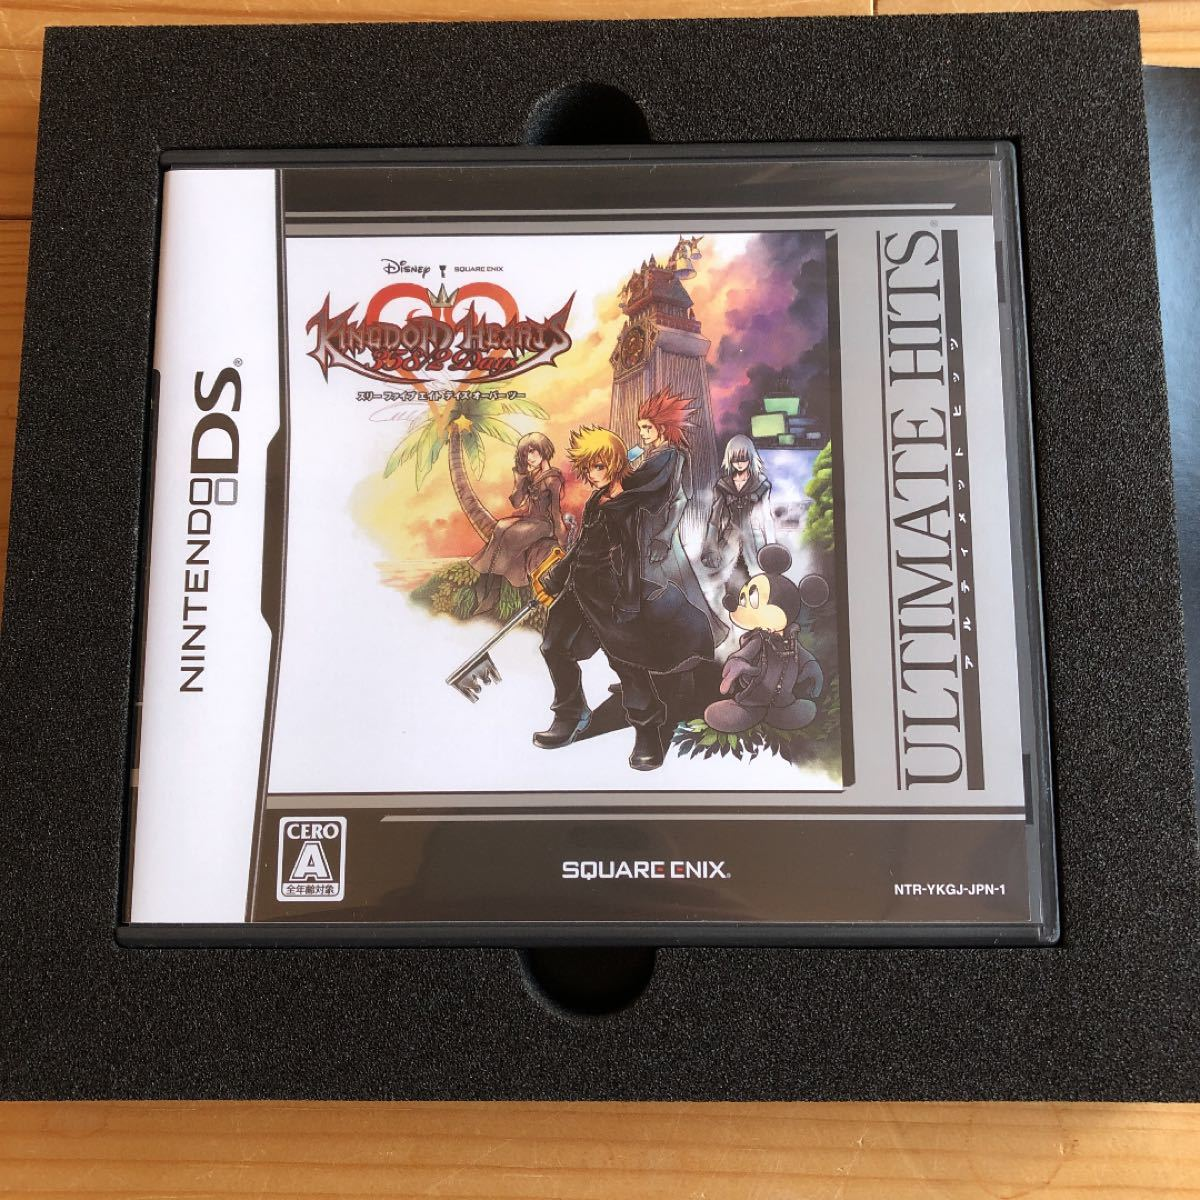 キングダム ハーツ 10th Anniversary 3D+Days+Re:coded BOX